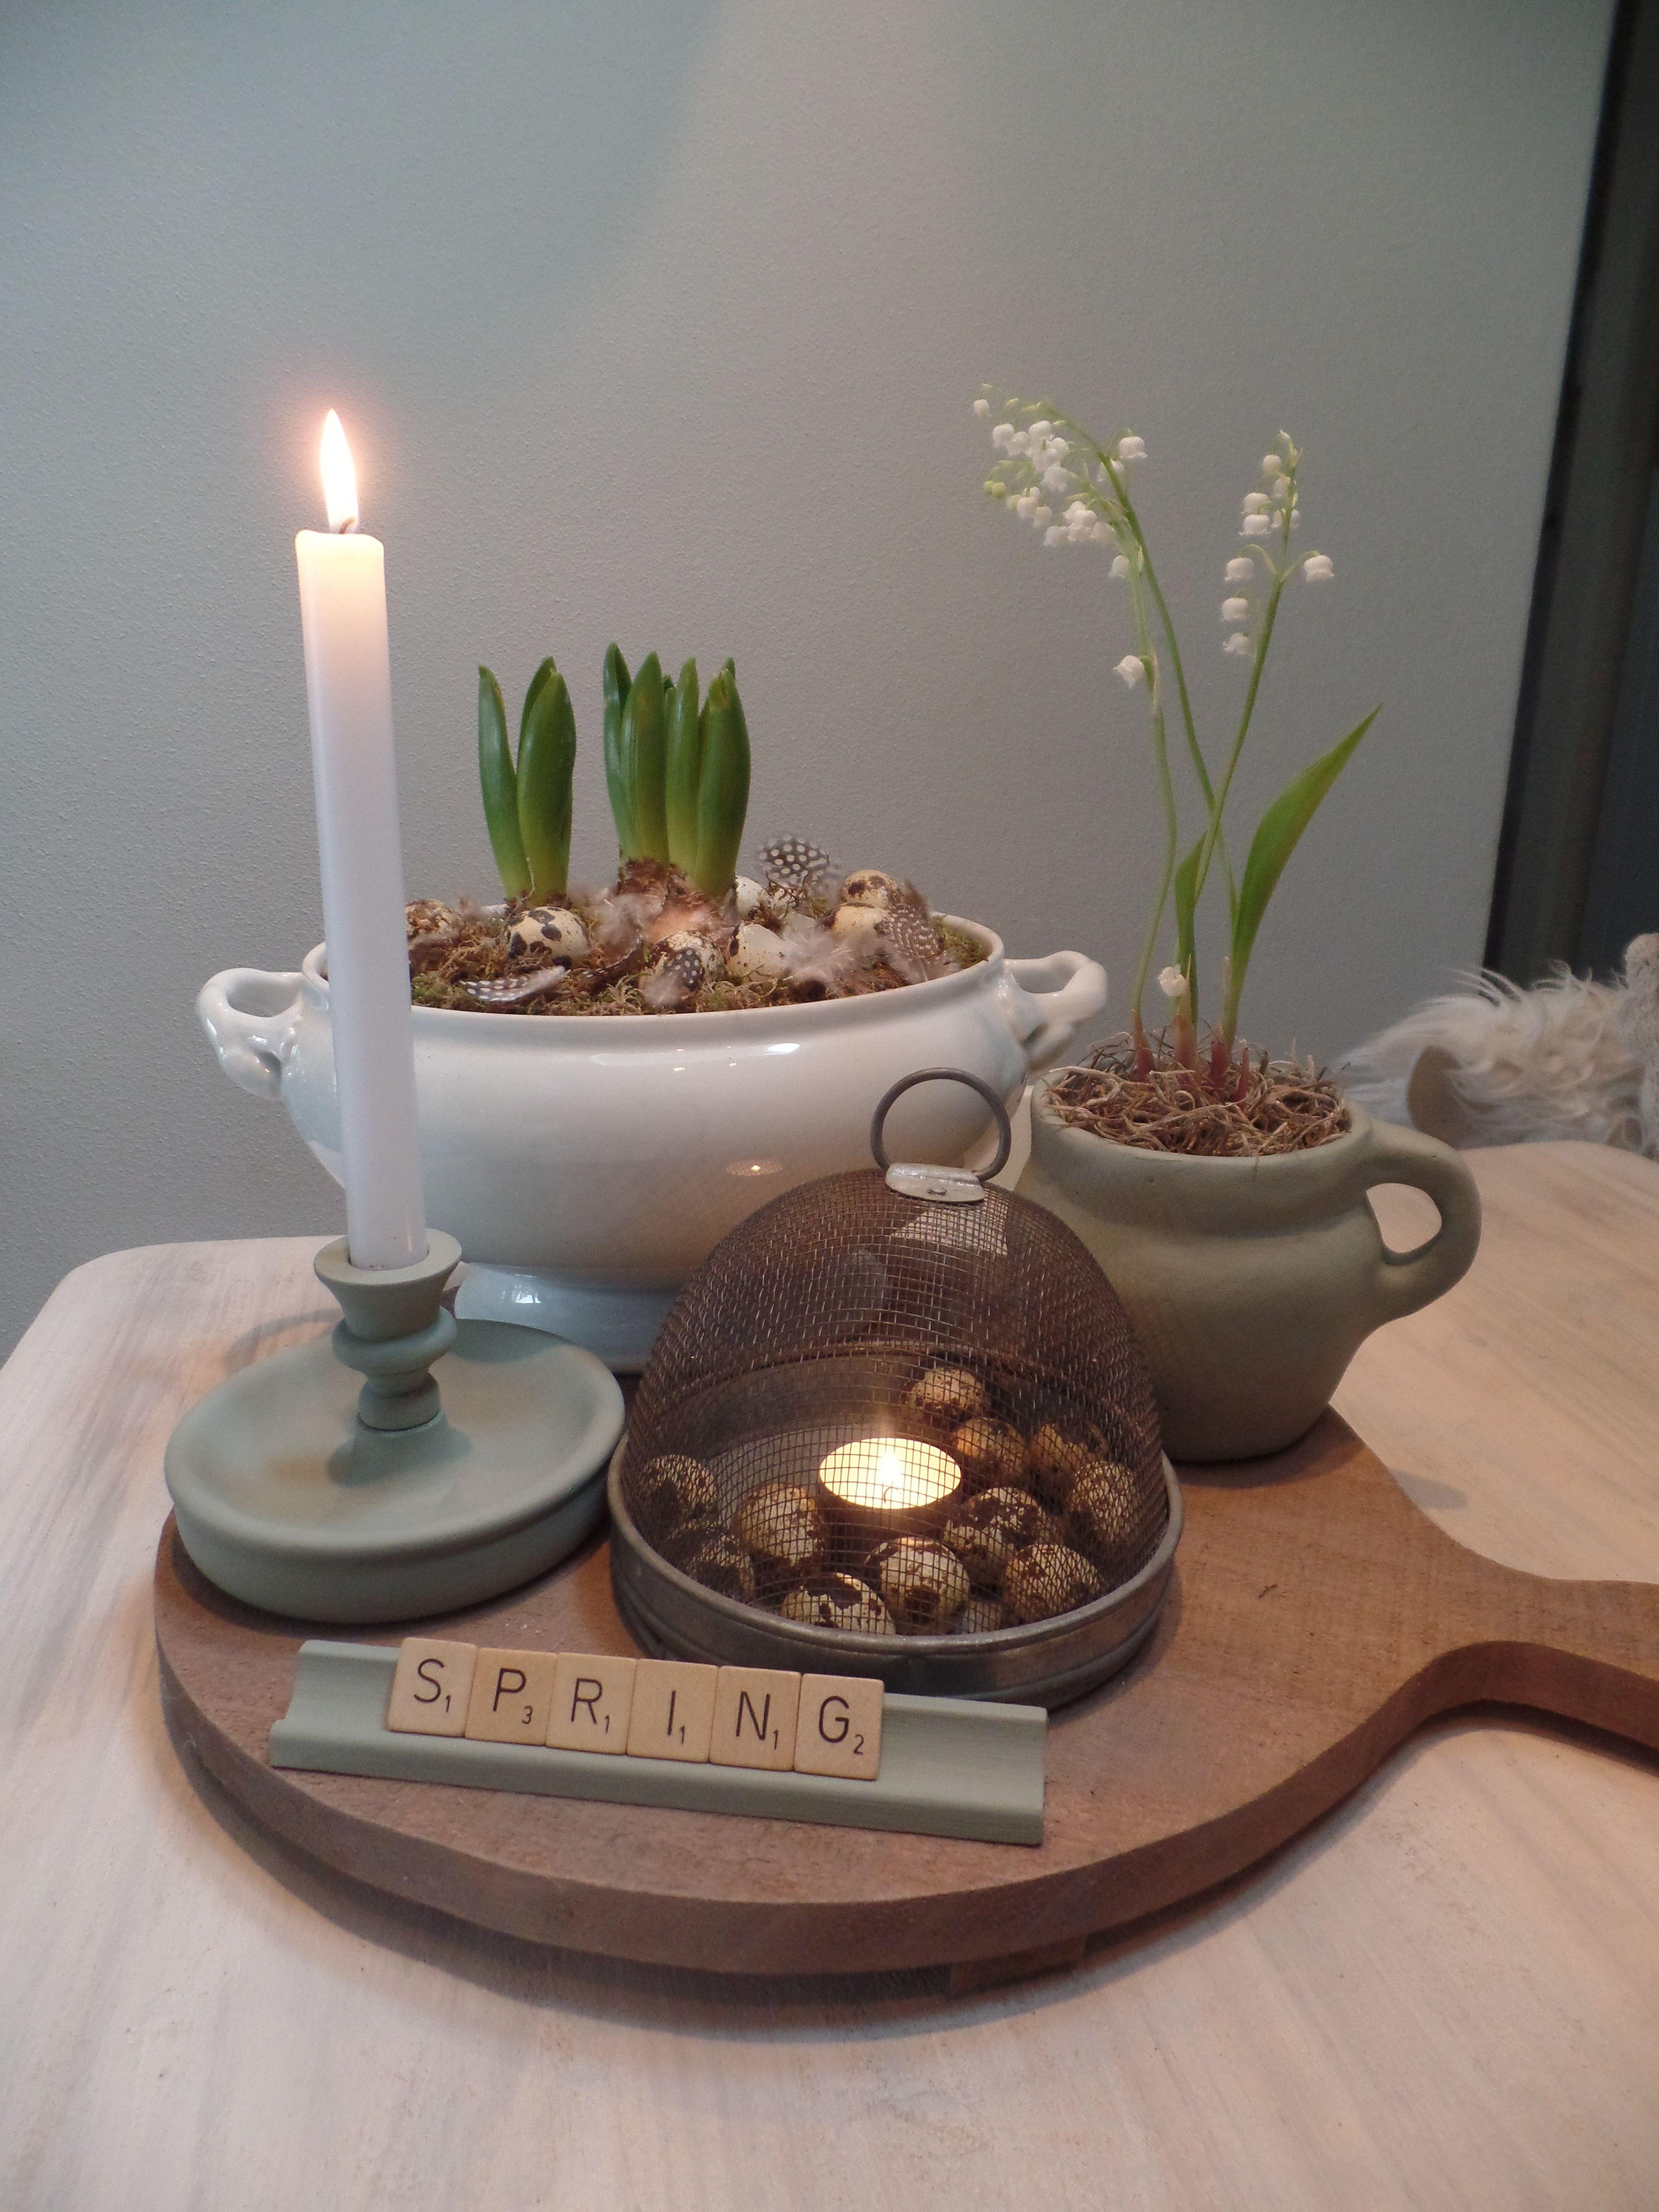 Zin in lente jeannets creativiteitenkabinet for Boomschijven decoratie